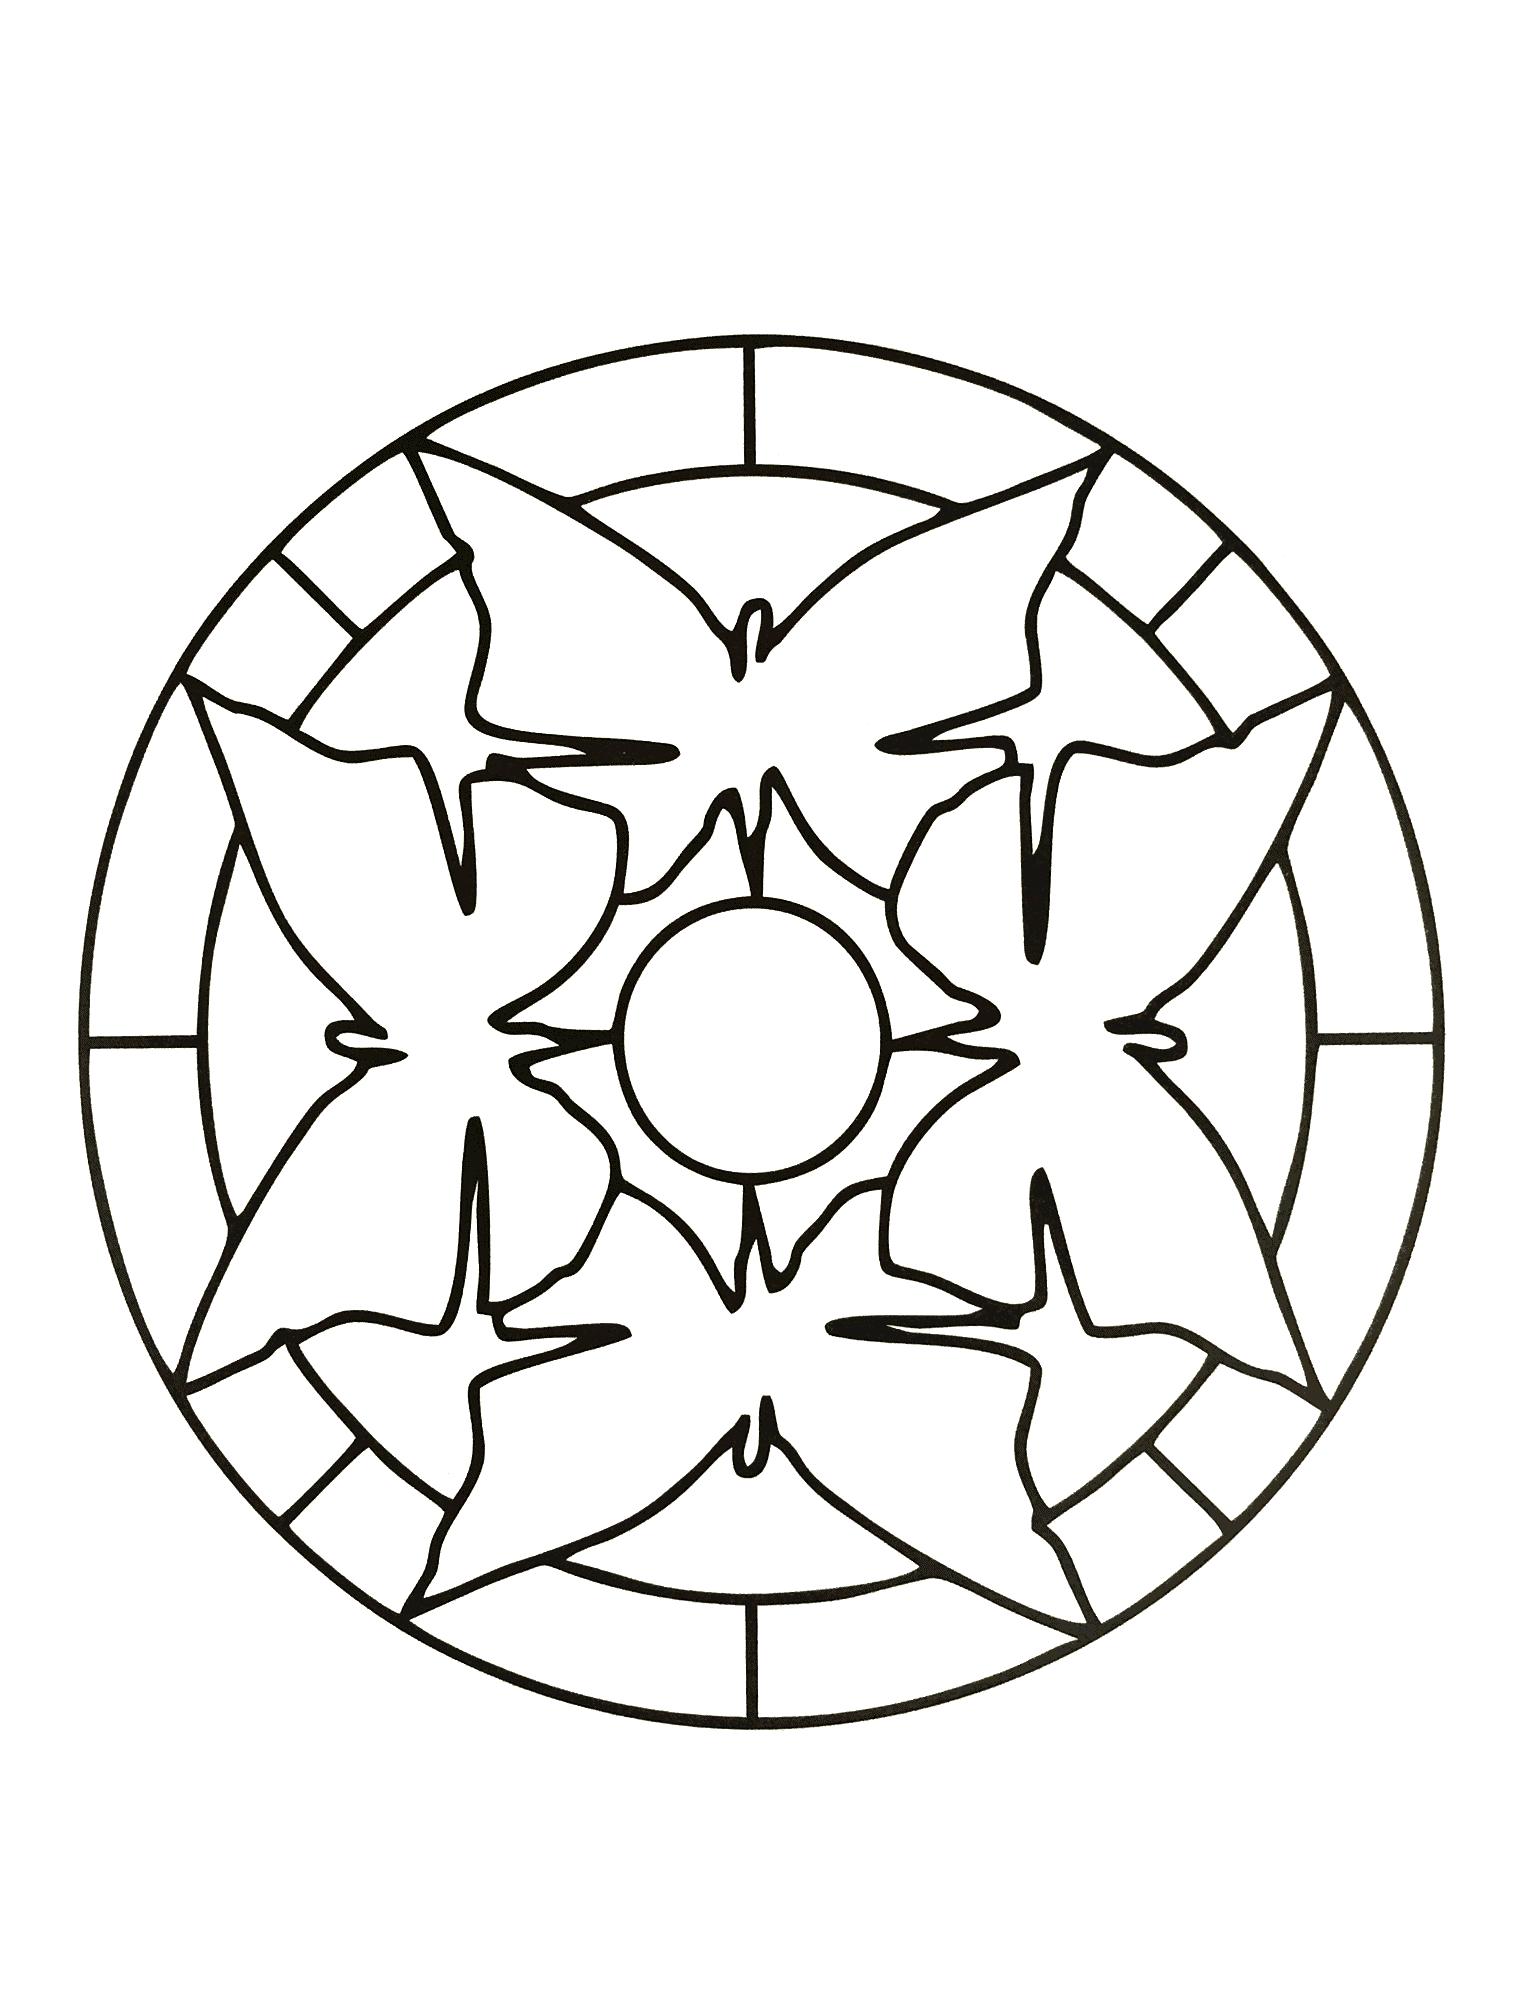 1517x1996 Simple Mandala